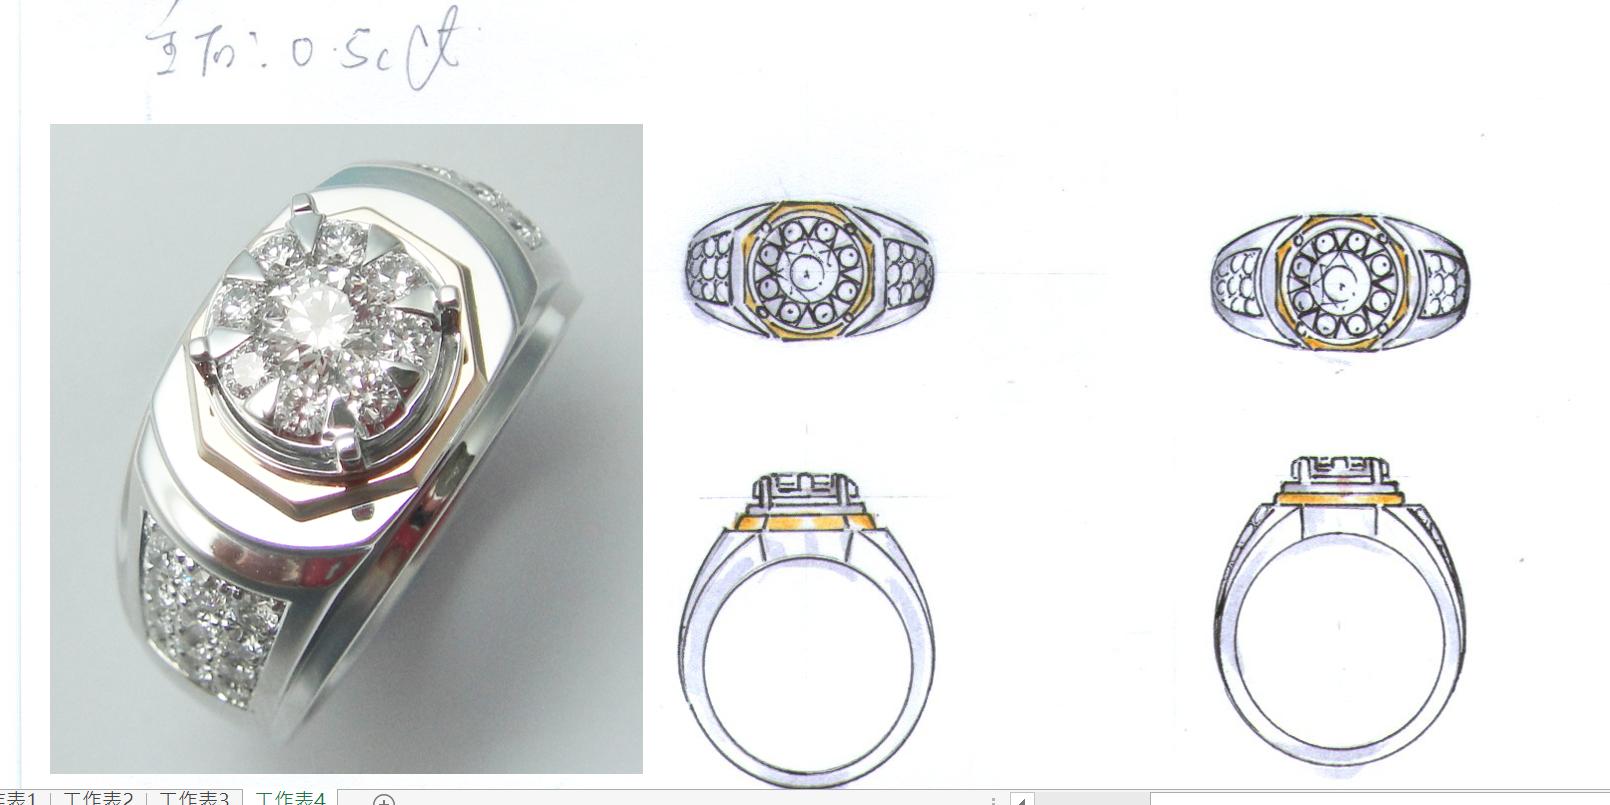 客製化婚戒 描繪客製化婚戒珠寶設計圖